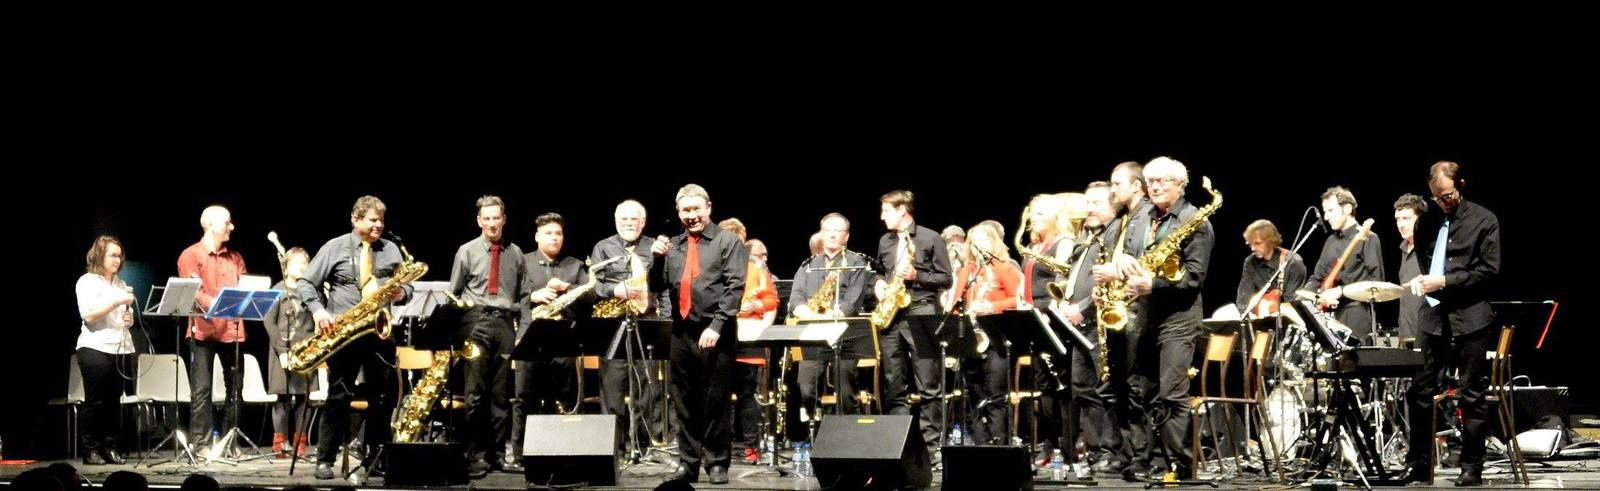 Le  Big Band en concert à l'Astral